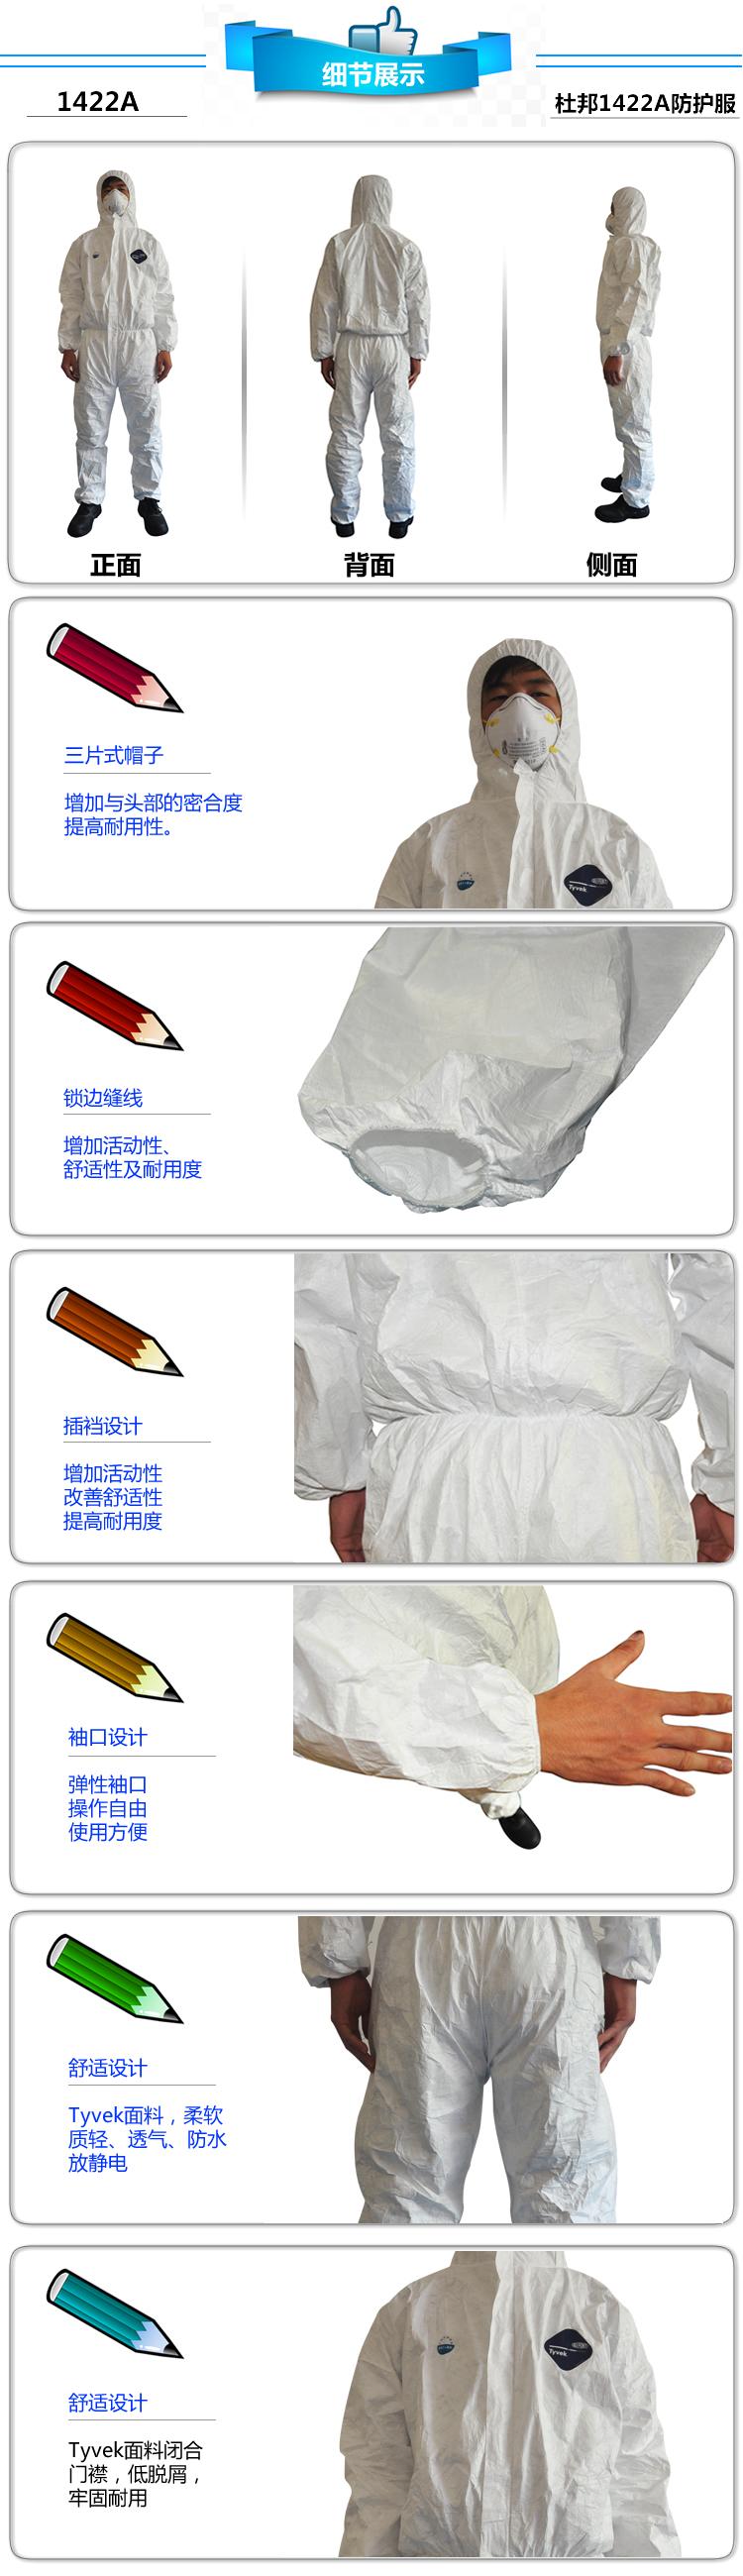 杜邦Tyvek1422A型 防护服 防化服防尘服 医生防化学品服